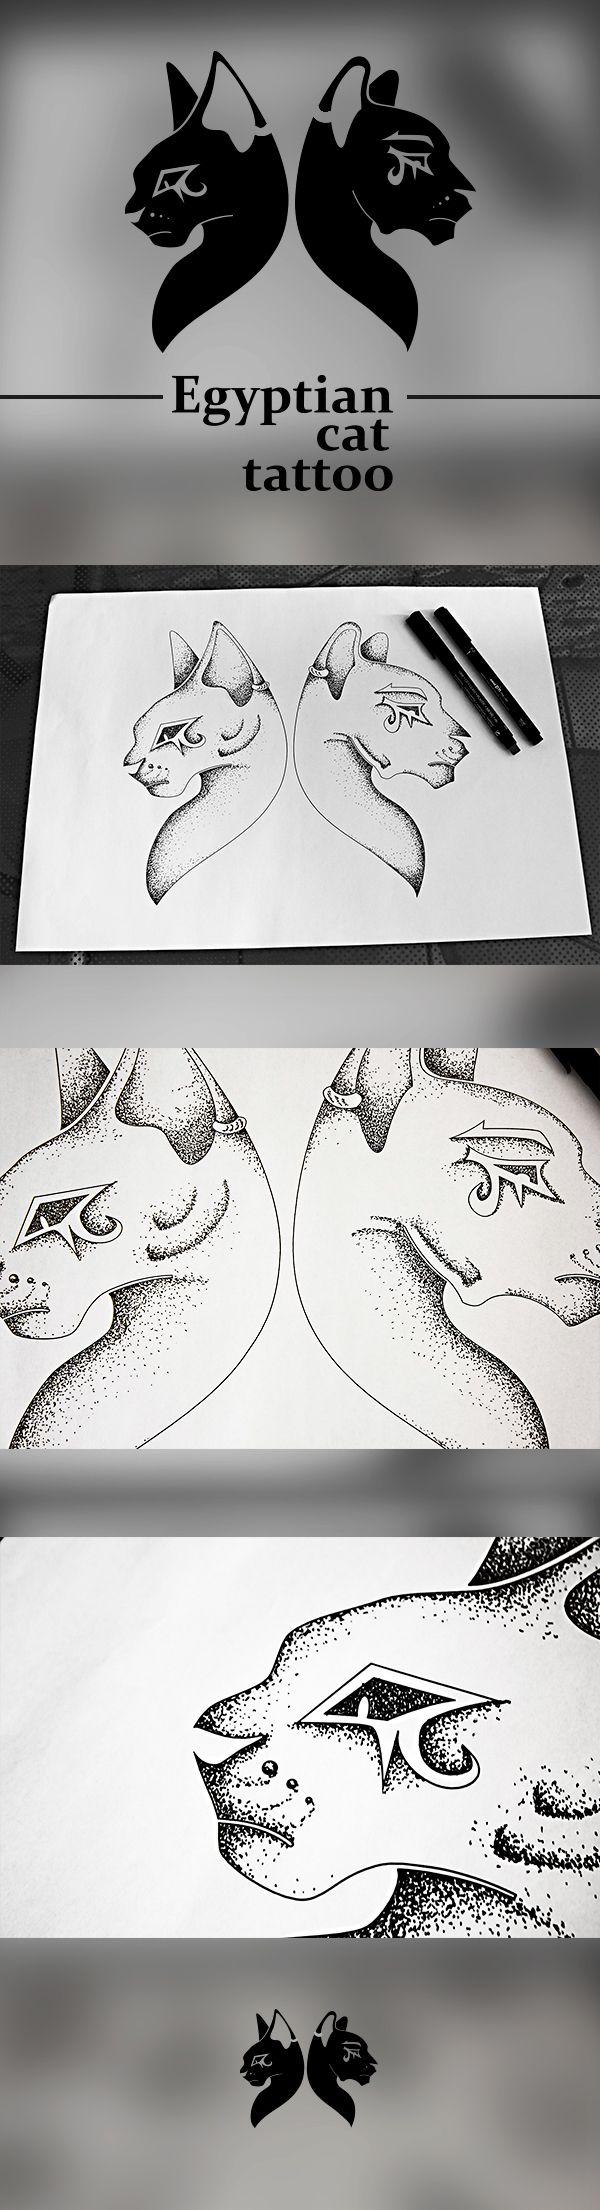 https://www.behance.net/gallery/21050567/Egyptian-cat-tattoo